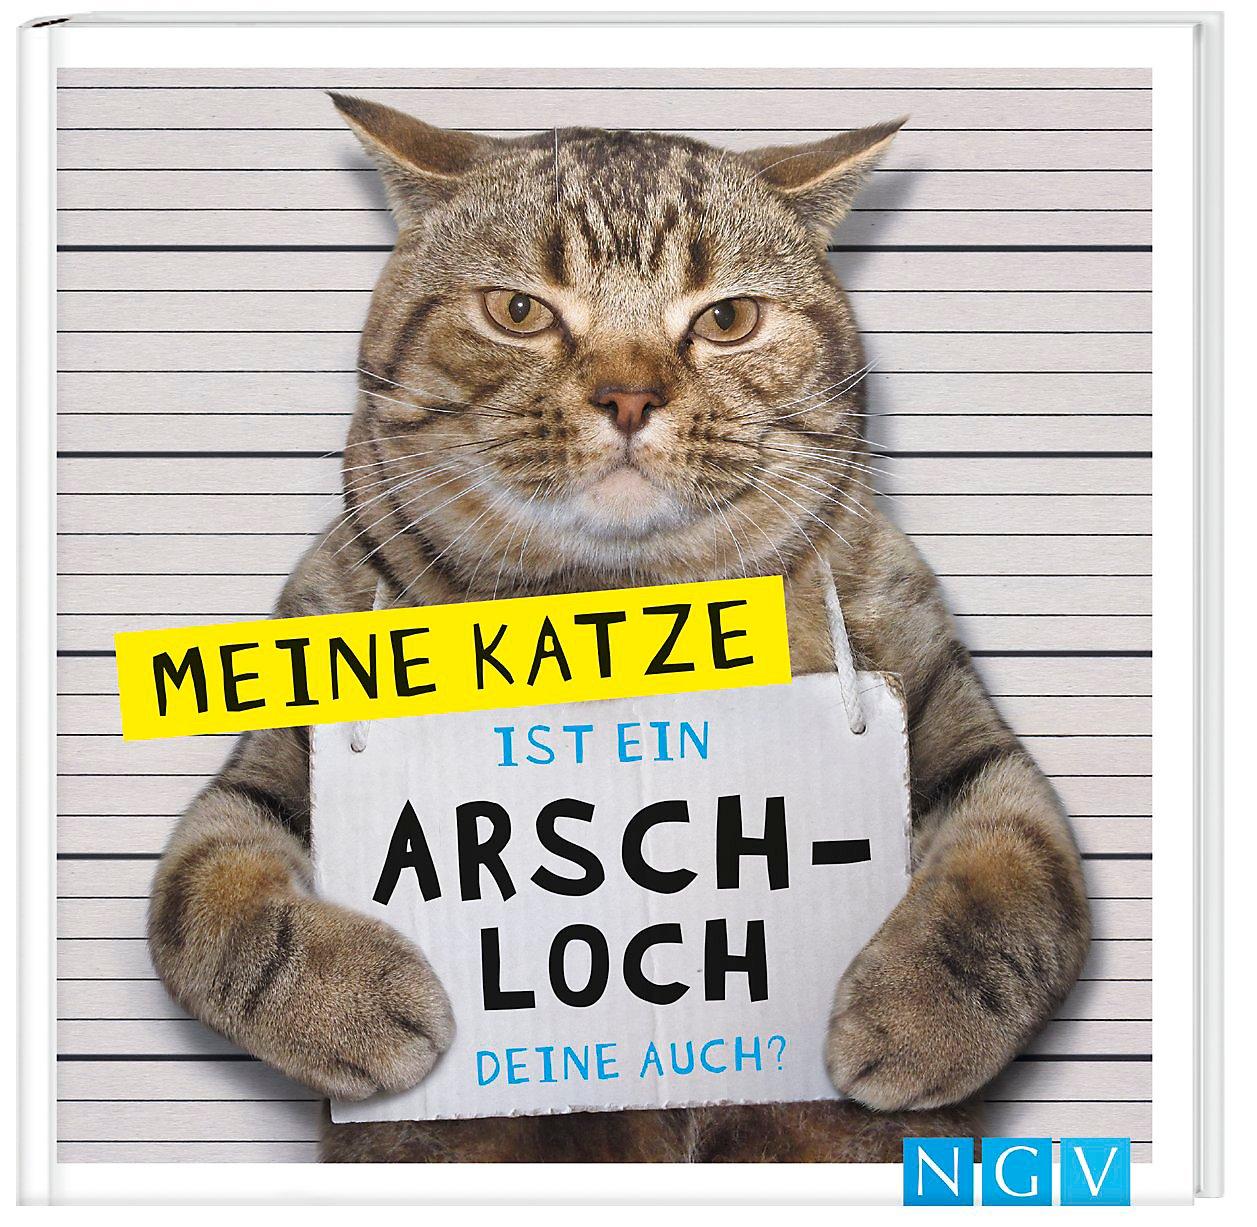 Meine Katze ist ein Arschloch - Deine auch? Buch - Weltbild.ch